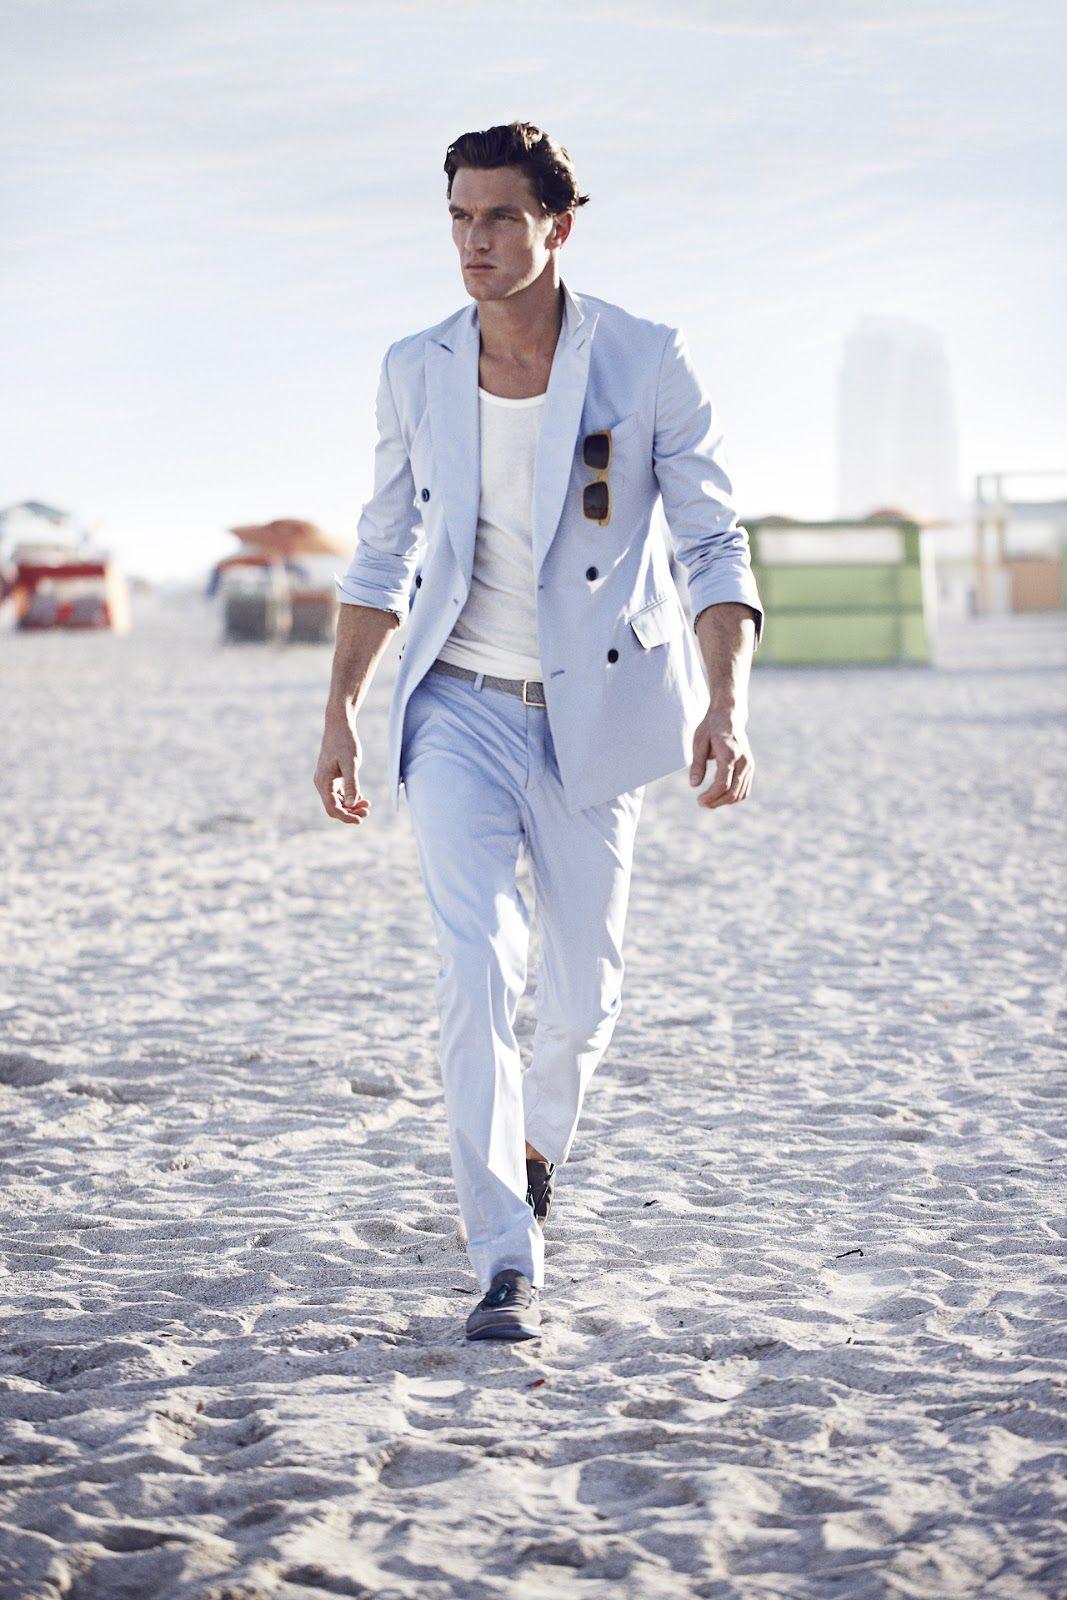 Miami Vice Style Hellblauer Zweireiher Mit Wei Em T Shirt Fashion Pinterest Miami Men 39 S